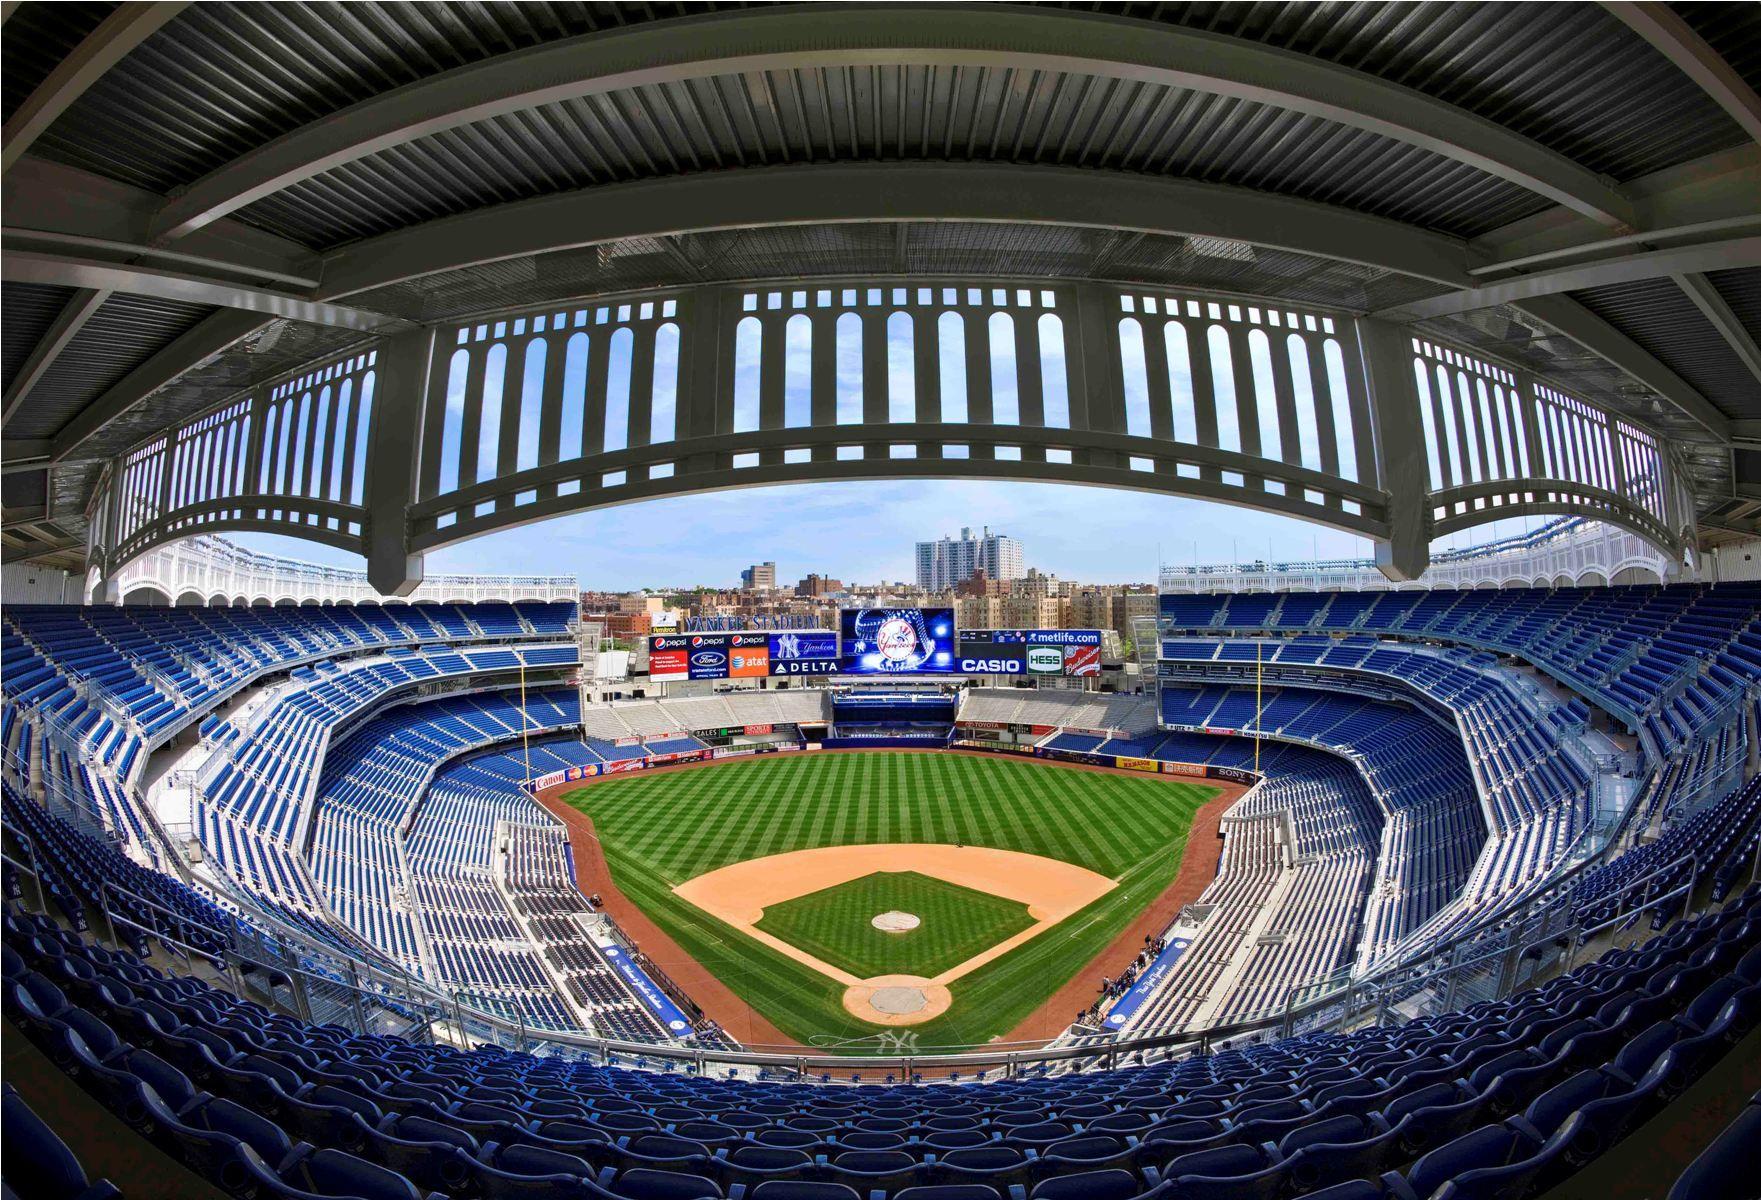 Yankee Wallpapers Full Hd P Best Hd Yankee Images Guoguiyan New York Yankees Stadium Stadium Wallpaper Yankee Stadium